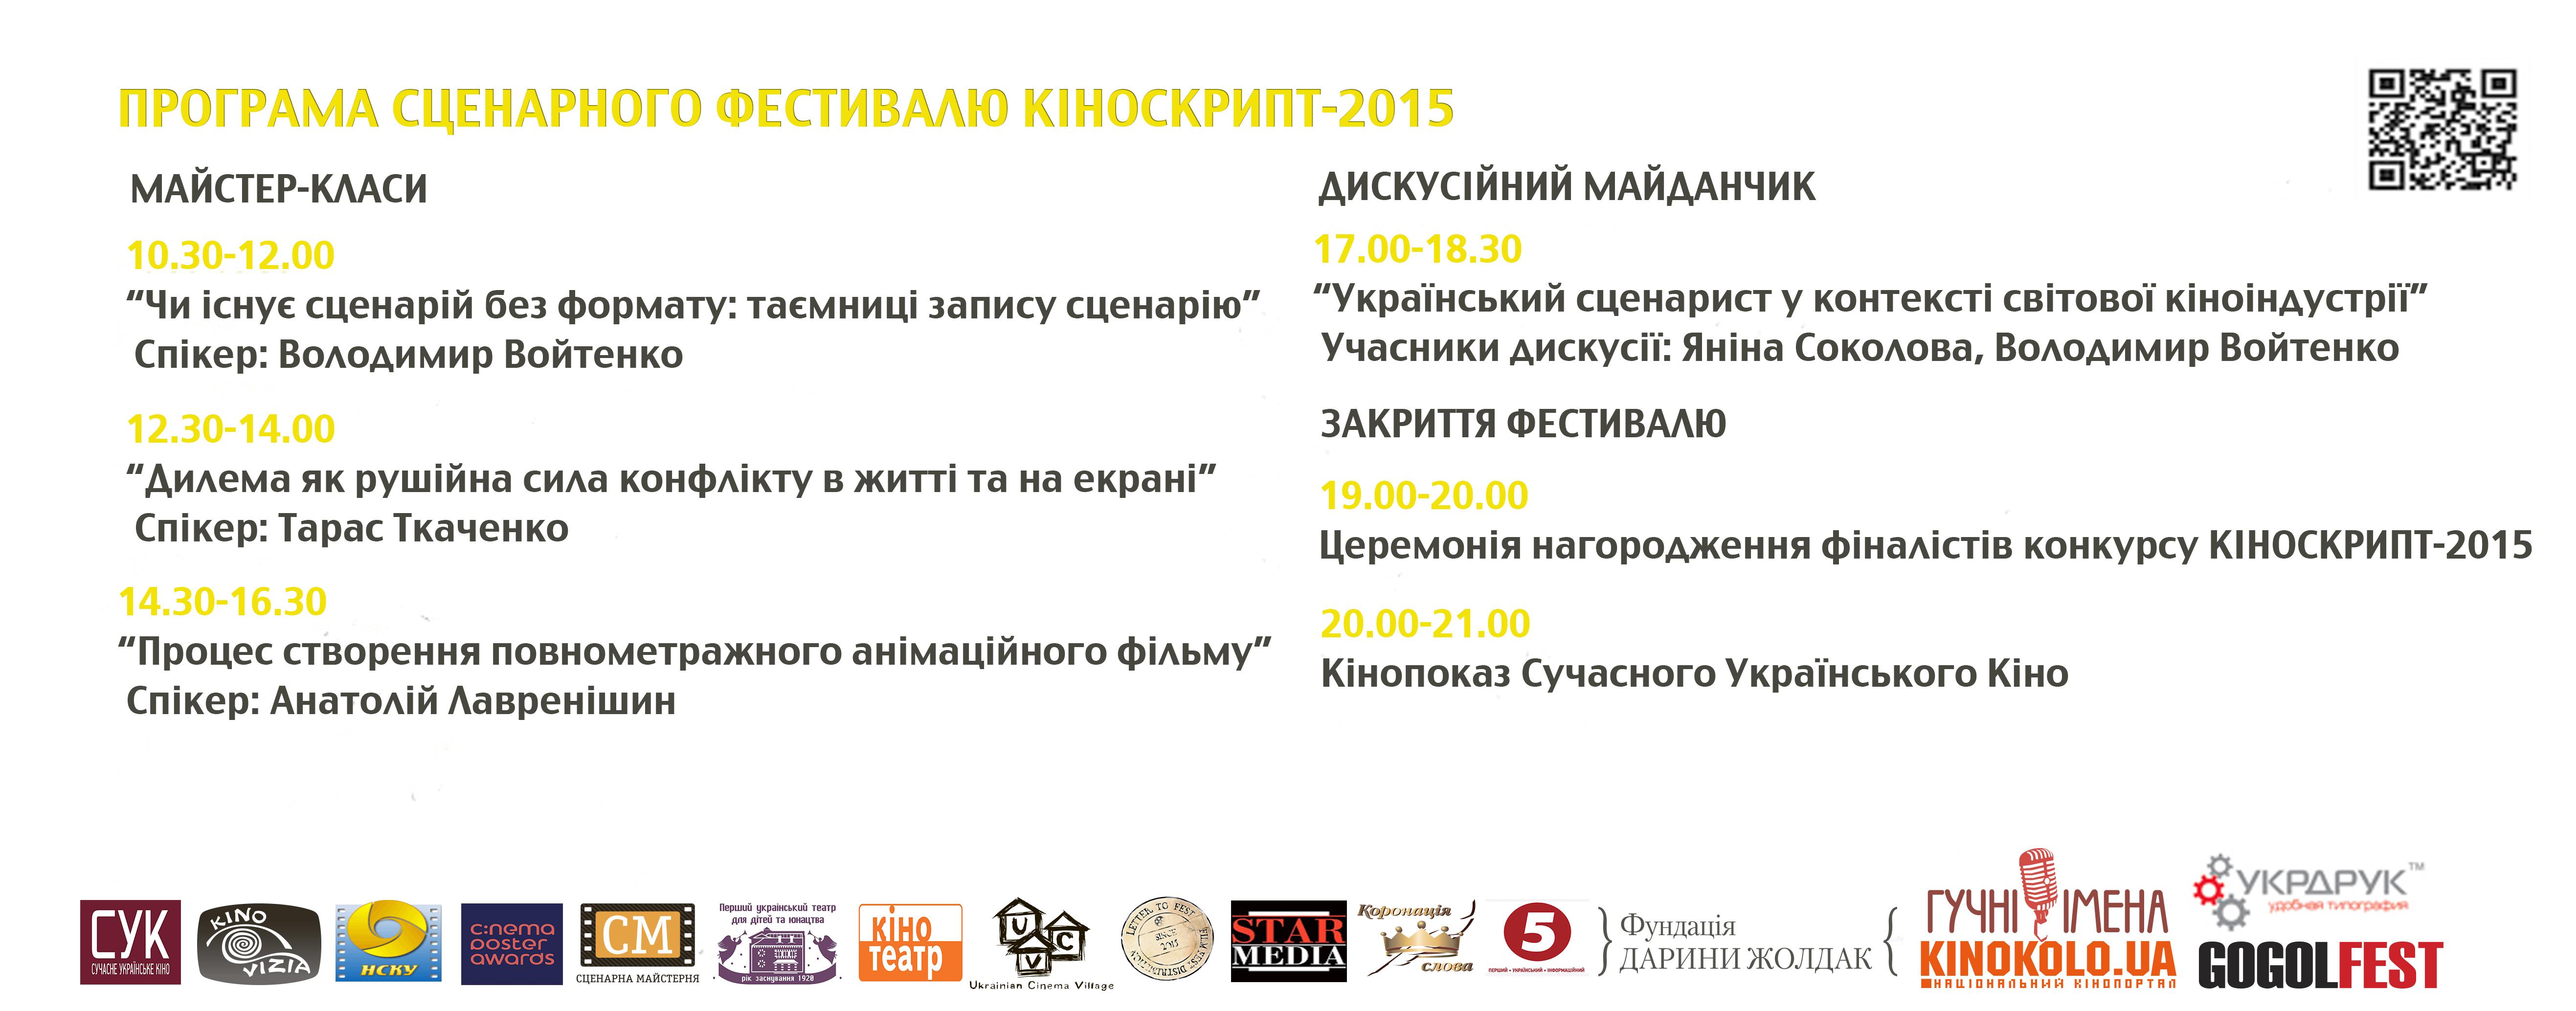 Програма_КІНОСКРИПТ 2015